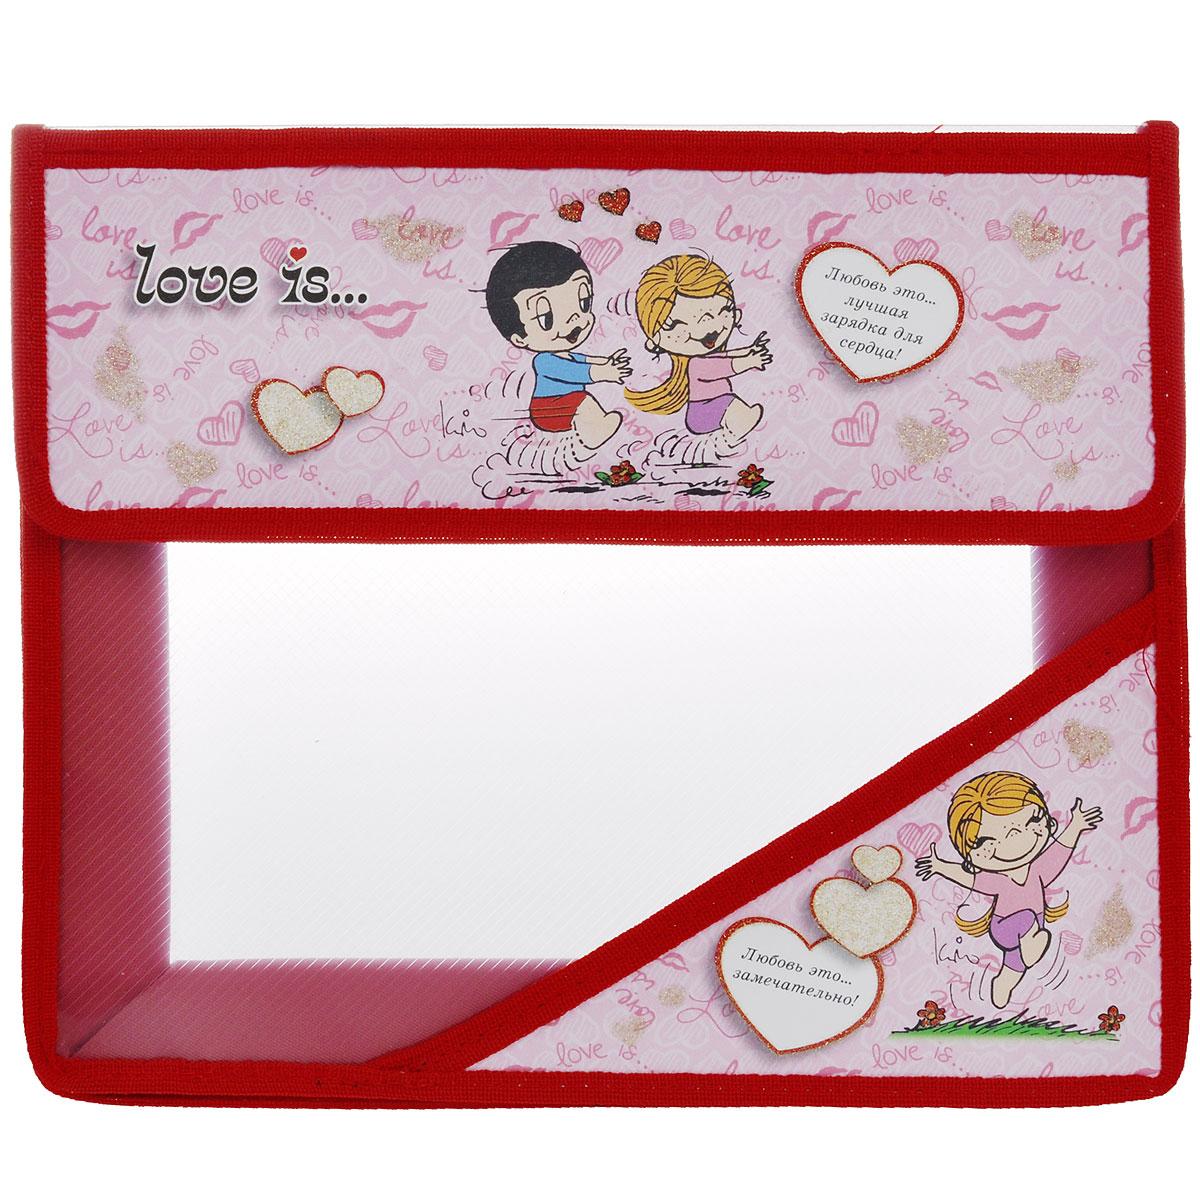 Папка для тетрадей Action! Love is, цвет: розовый, красный. C37684/LI-FA5C37684/LI-FA5 розовыйПапка Action! Love is предназначена для хранения тетрадей, рисунков и прочих бумаг с максимальным форматом А5. Папка выполнена из прочного материала и содержит одно отделение. Закрывается она клапаном на липучку. Клапан оформлен изображением двух влюбленных и надписью Любовь это... лучшая зарядка для сердца!. Стенки папки прозрачные.С папкой Action! Love is тетради вашего ребенка всегда будут выглядеть опрятно.